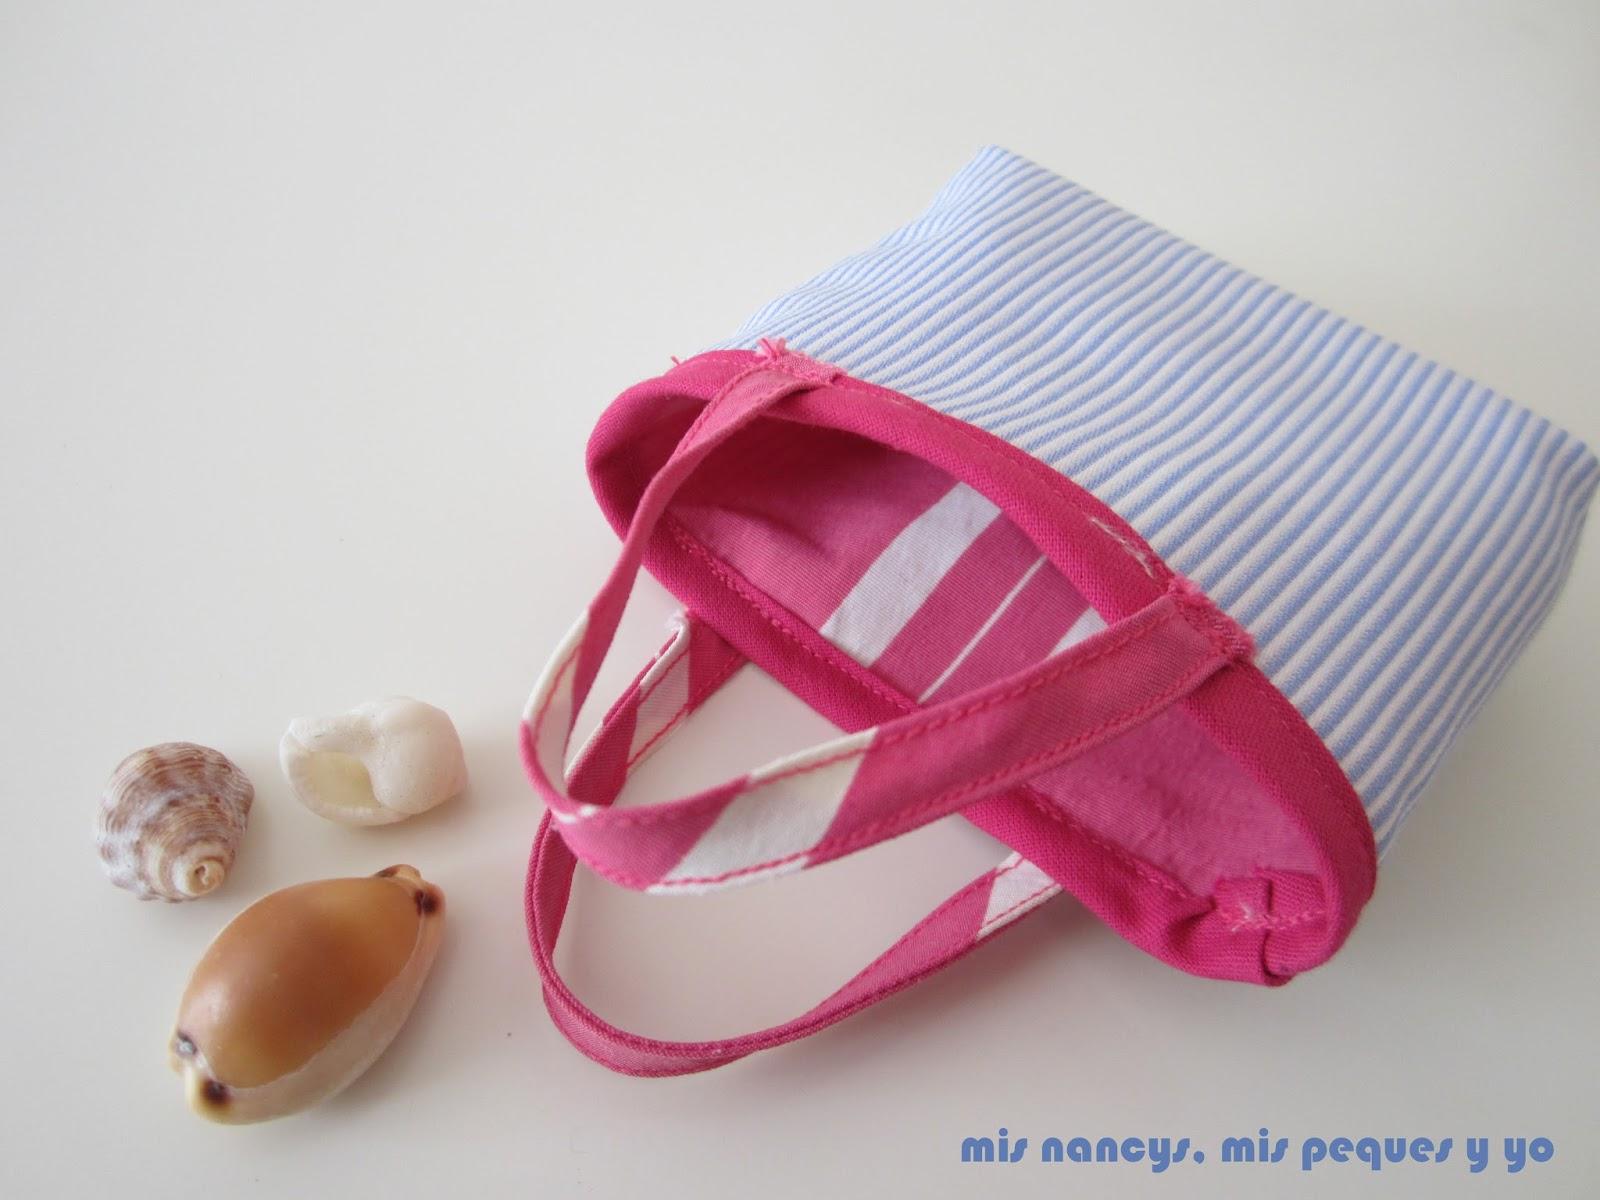 mis nancys, mis peques y yo, tutorial bolsa playera Nancy, bolsa reversible